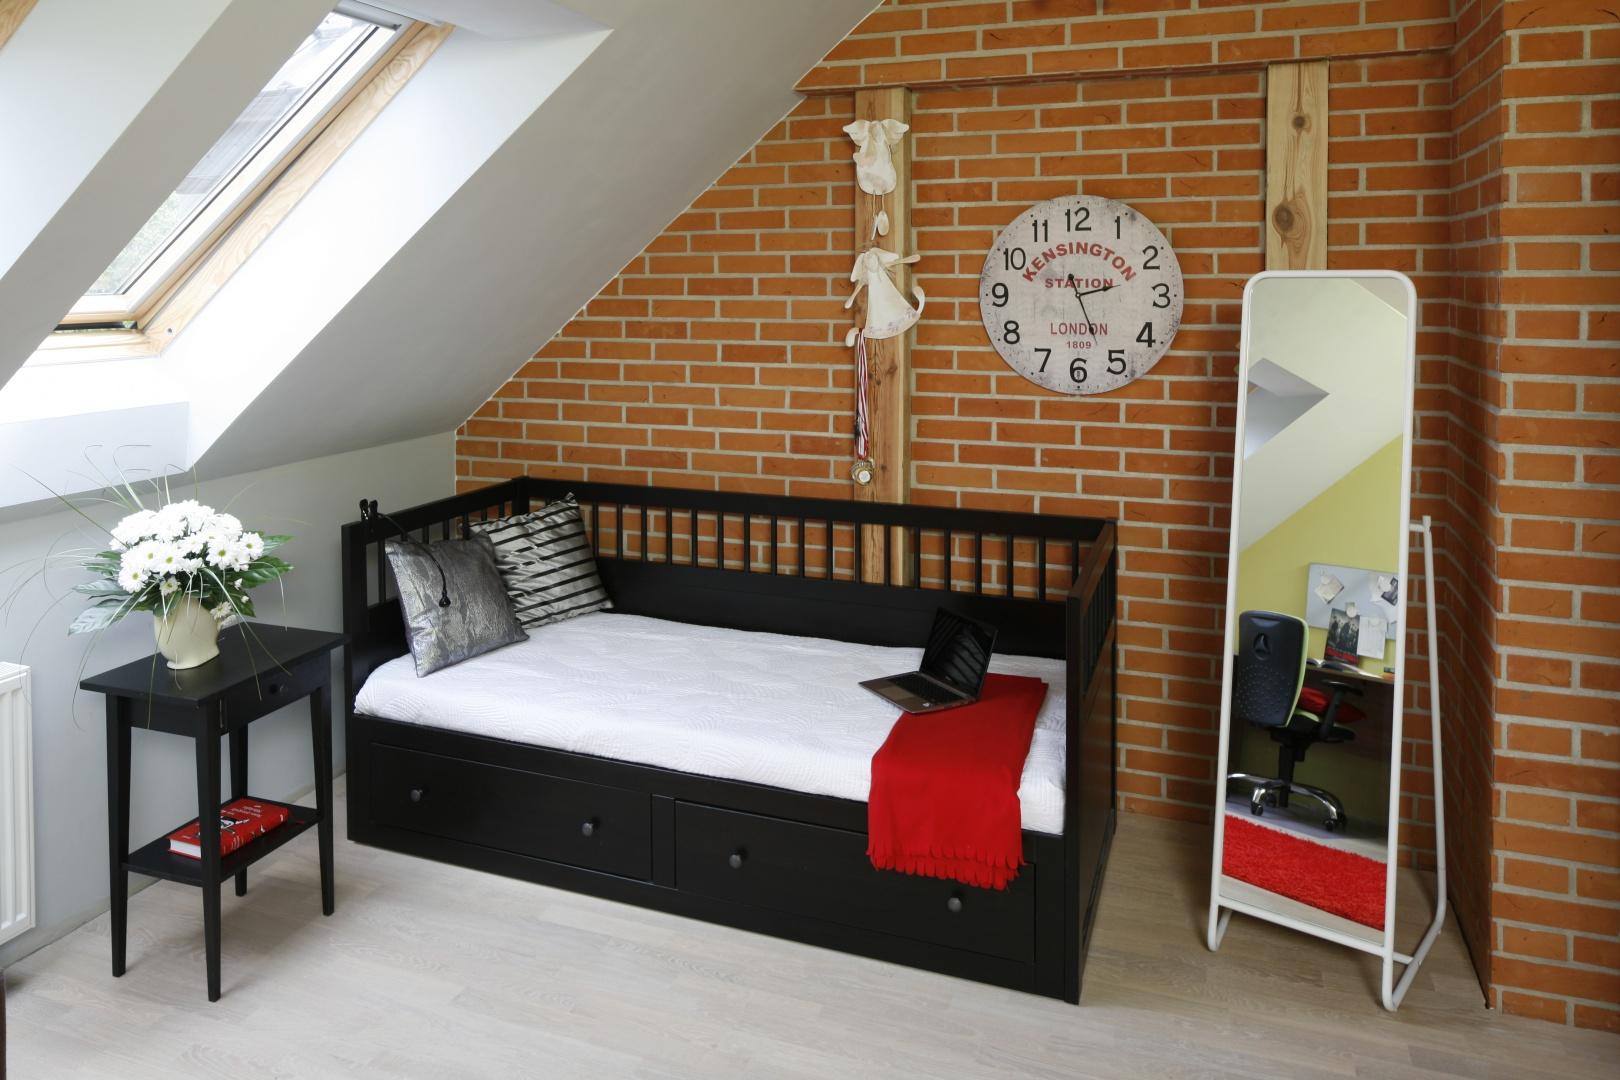 Eleganckie łóżko zawiera praktyczną szufladę, w której w ciągu dnia schowana jest pościel dziecka. Fot. Bartosz Jarosz.